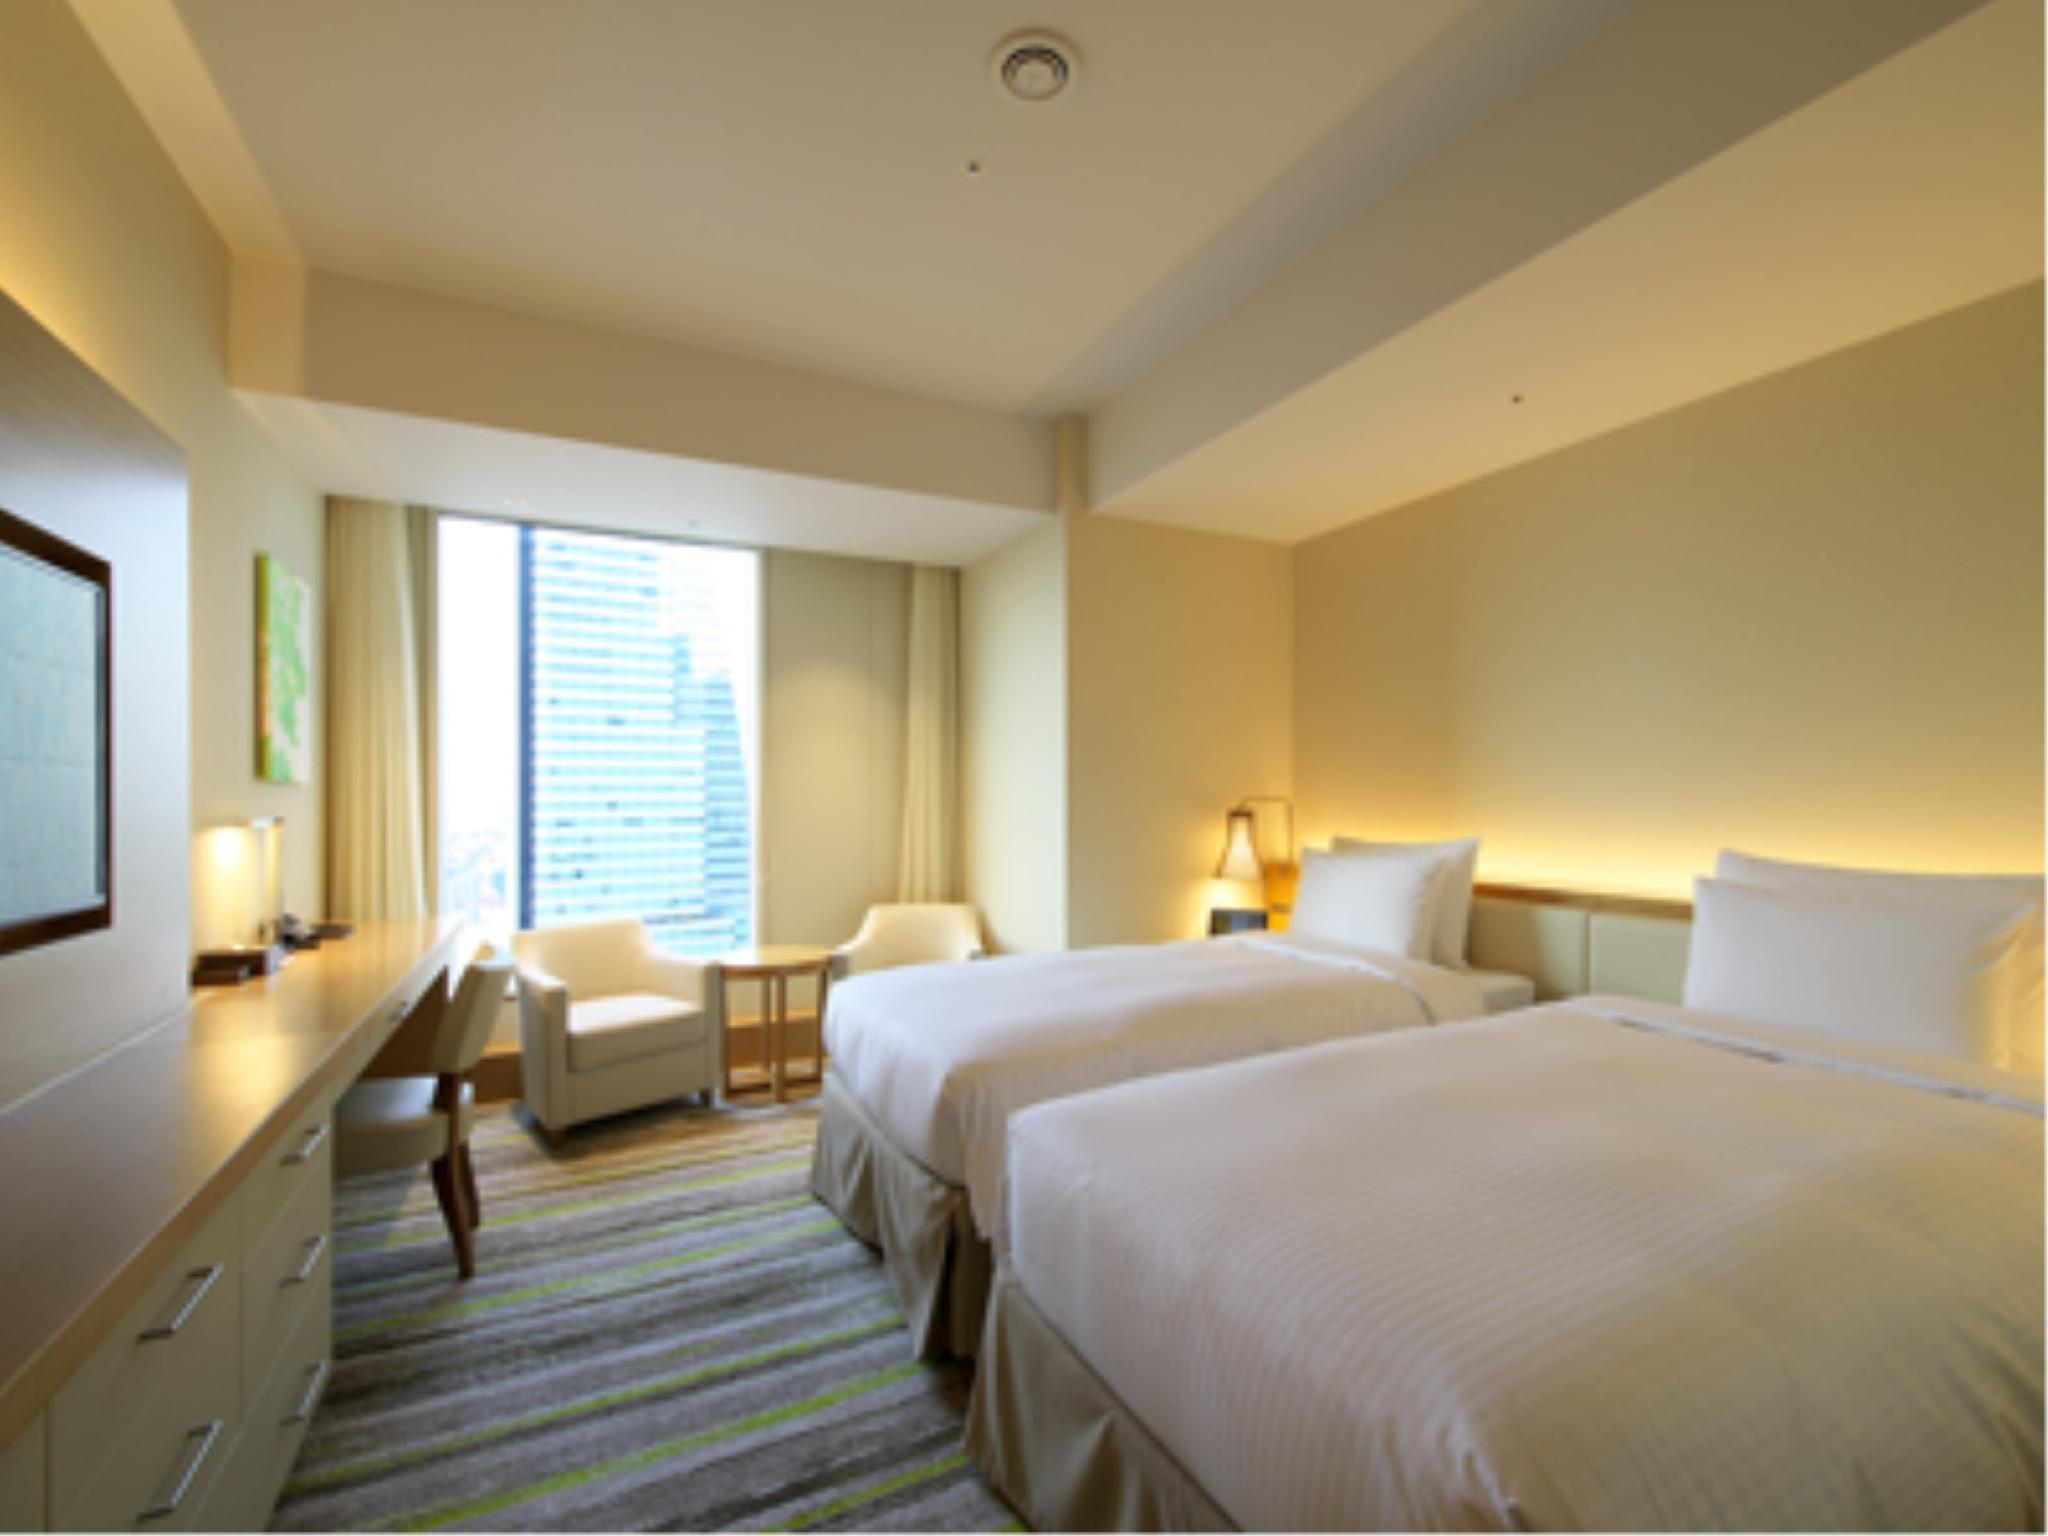 名古屋JRゲートタワーホテルの料金一覧・宿泊プラン【るるぶトラベル】で宿泊予約